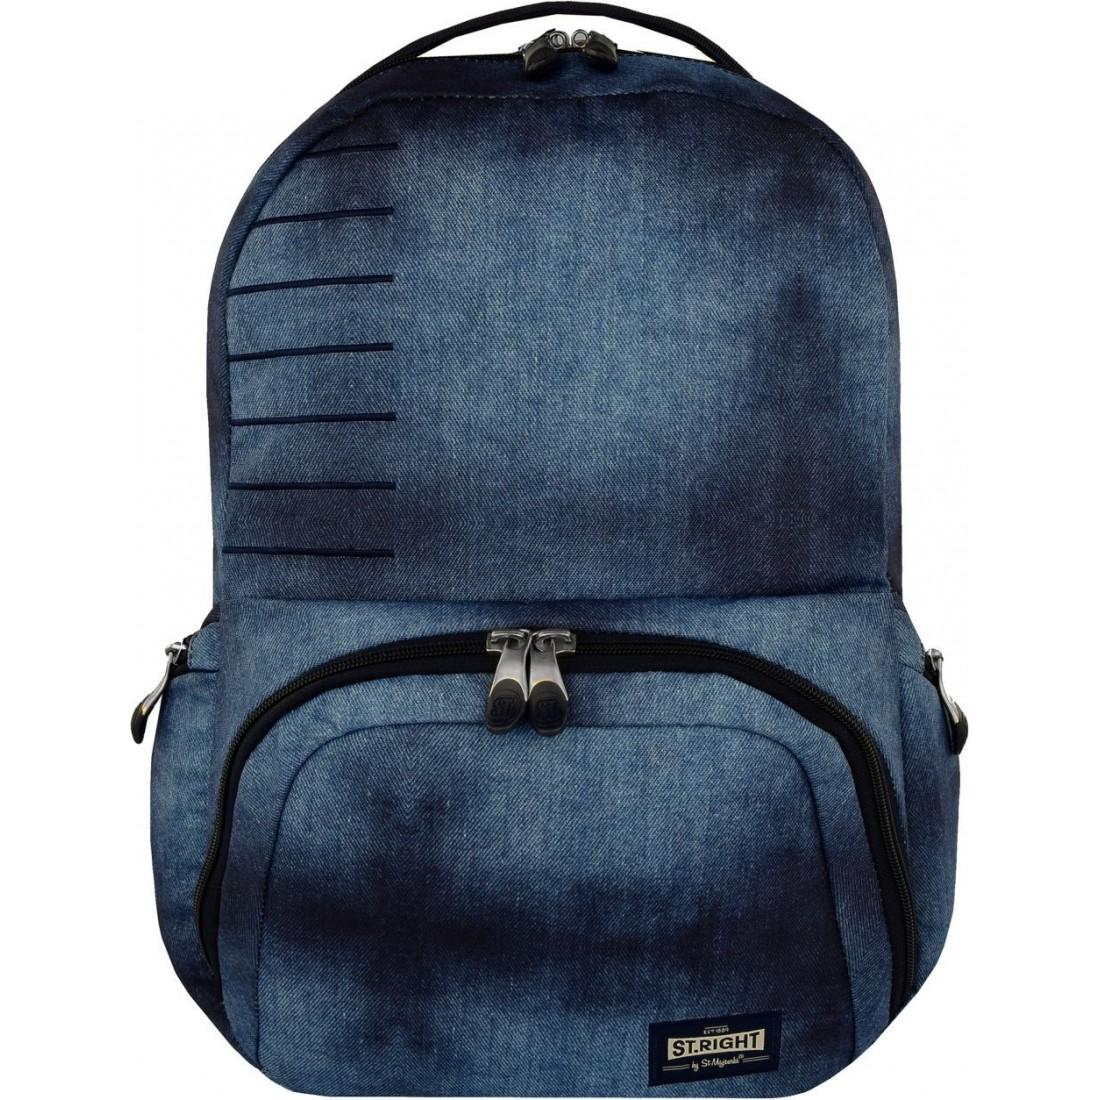 7718edc57d35f Plecak Szkolny Na Laptop Stright Jeans Niebieski Dżins Młodzieżowy